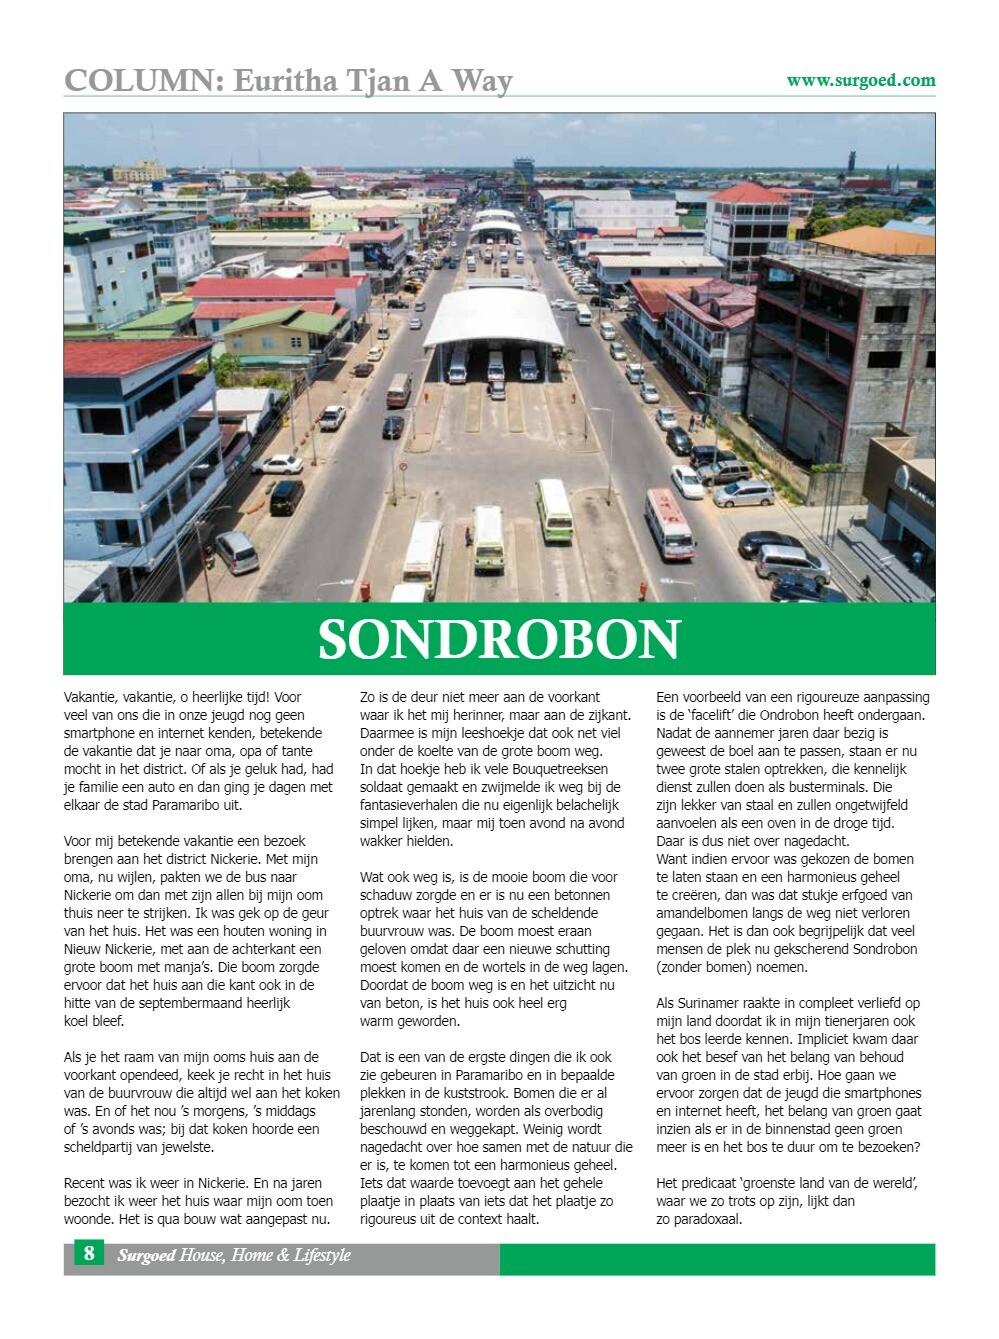 Sondrobon